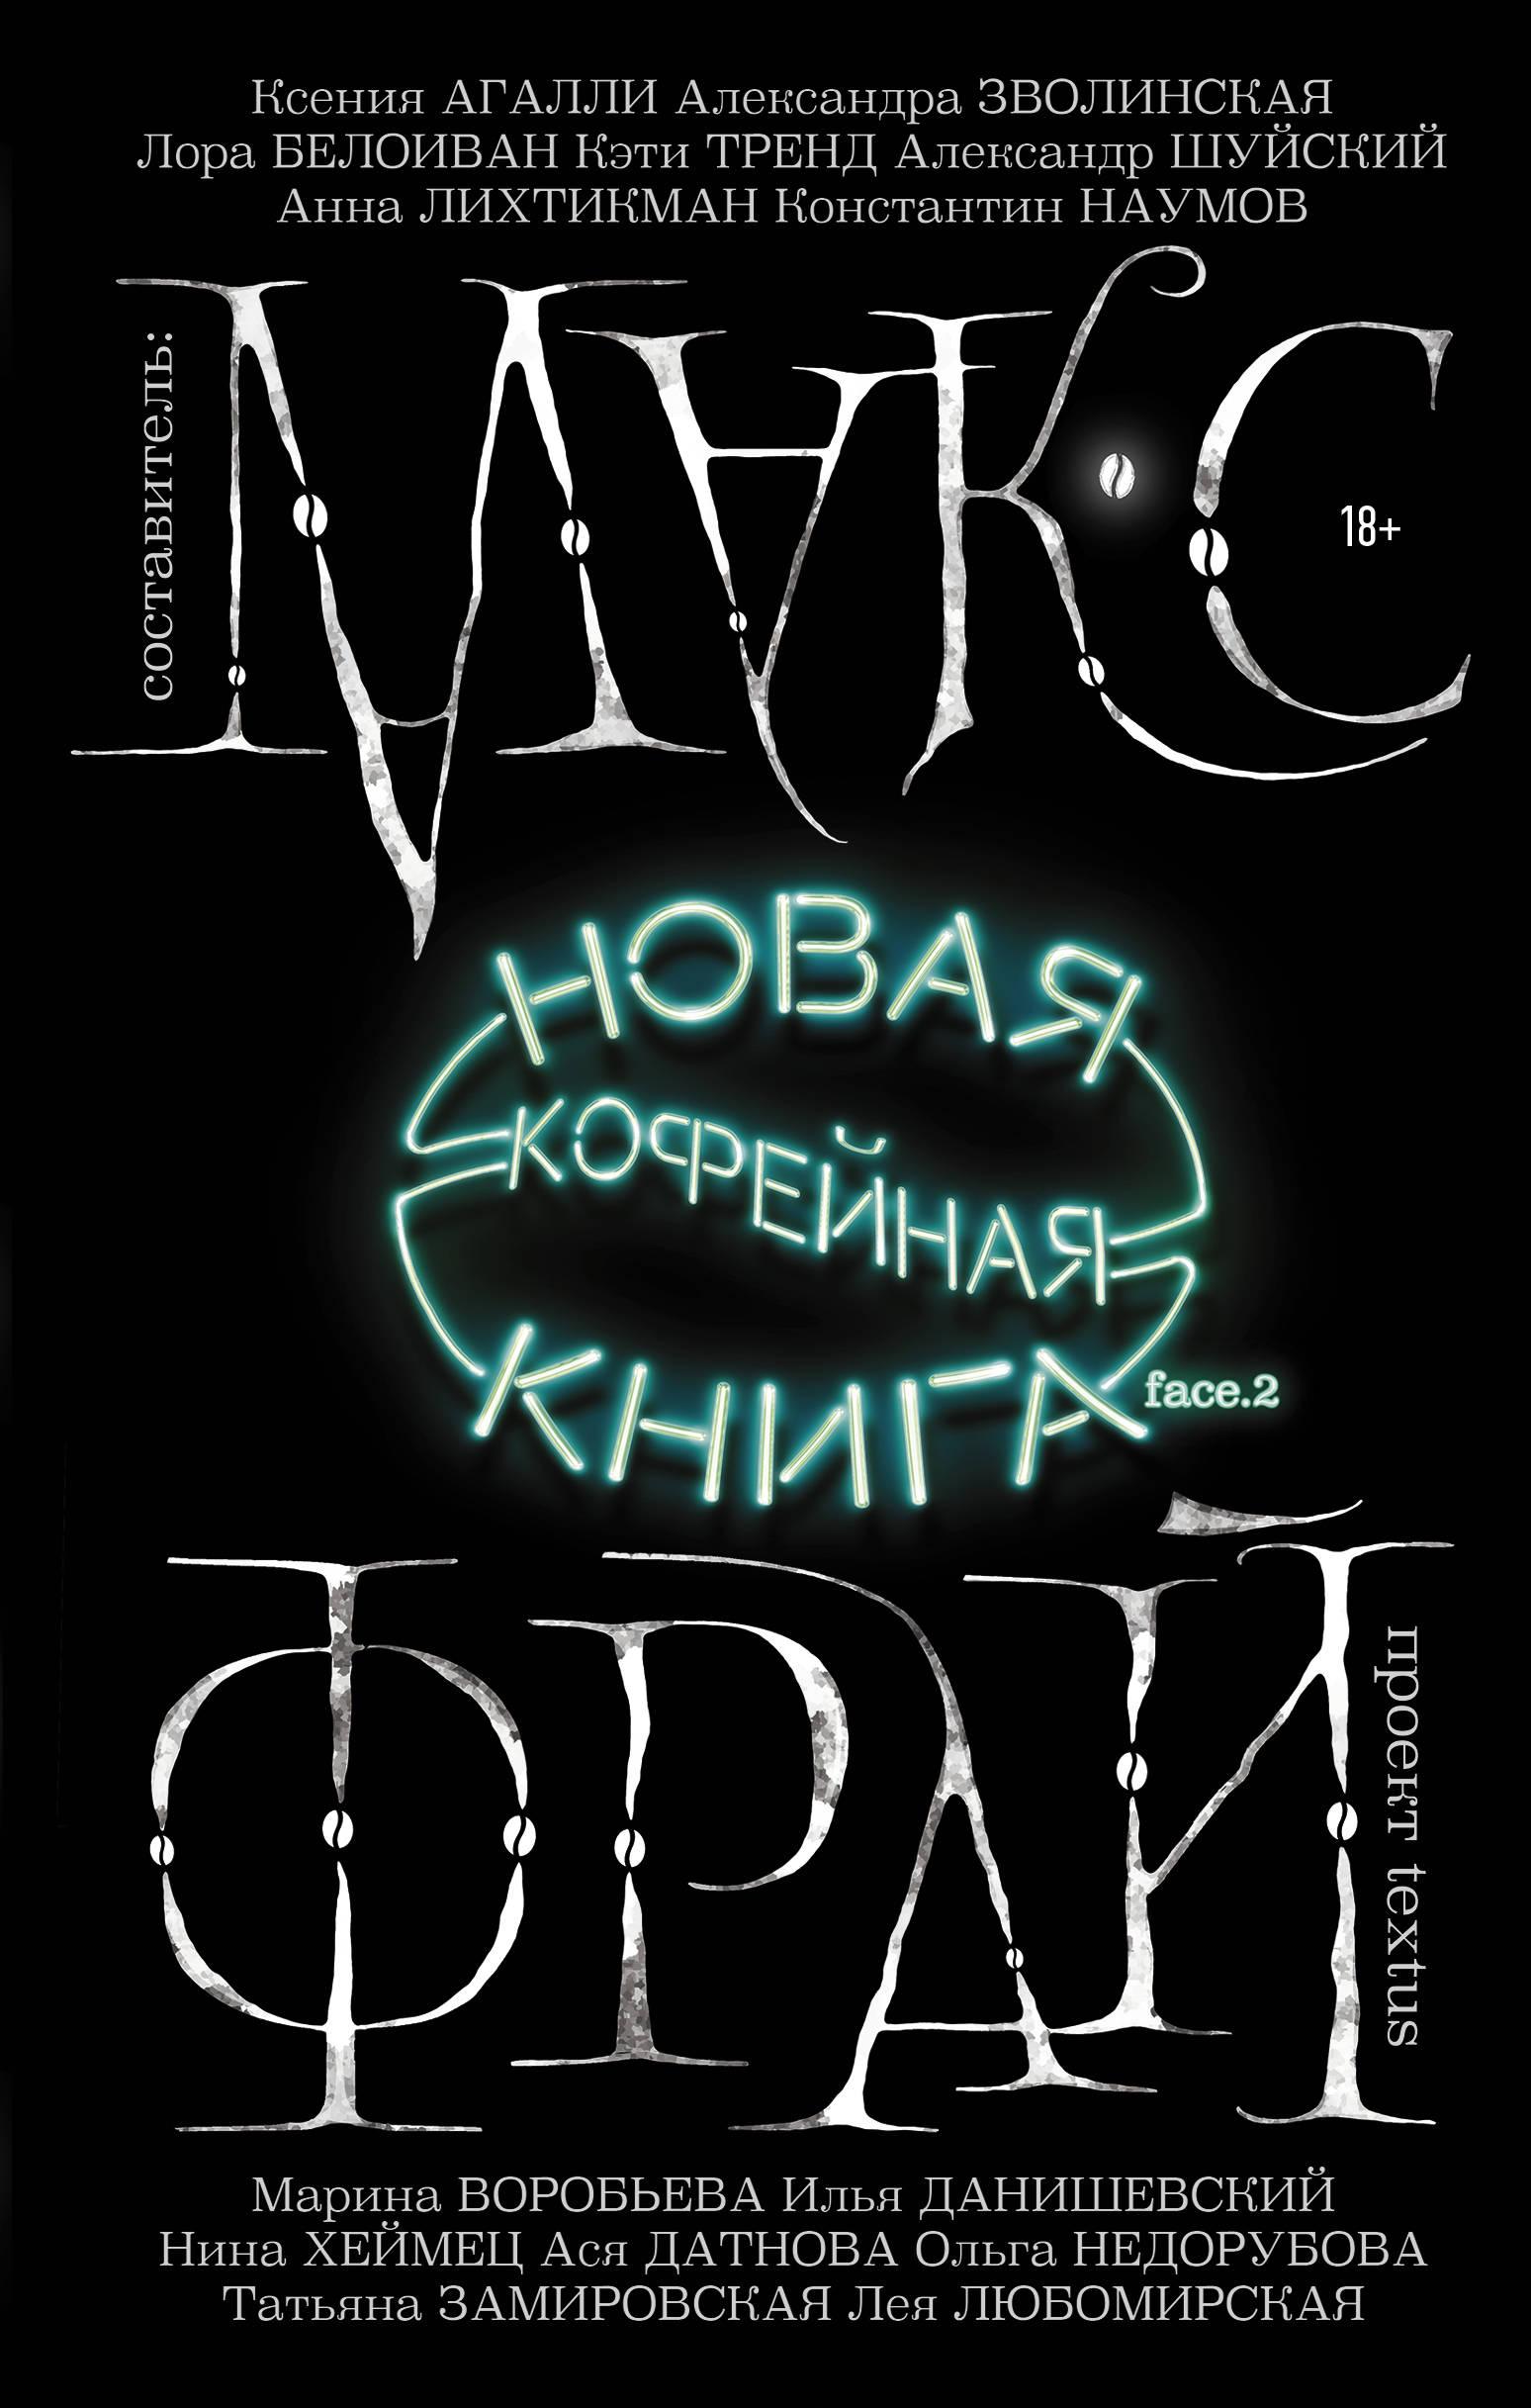 Новая кофейная книга face.2. Макс Фрай